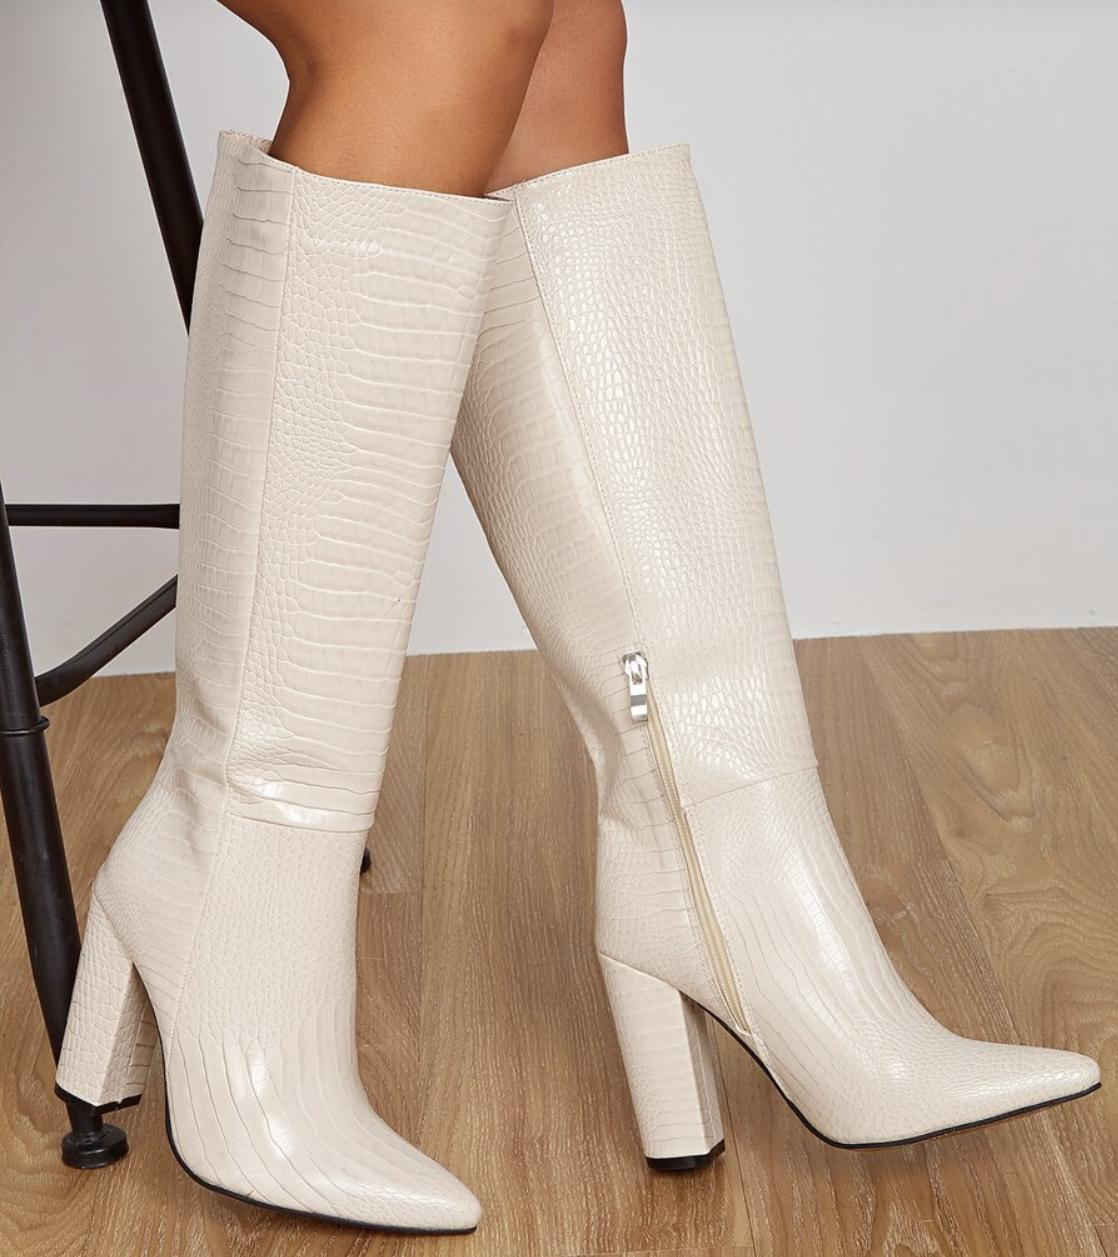 Stivali-bianchi-1